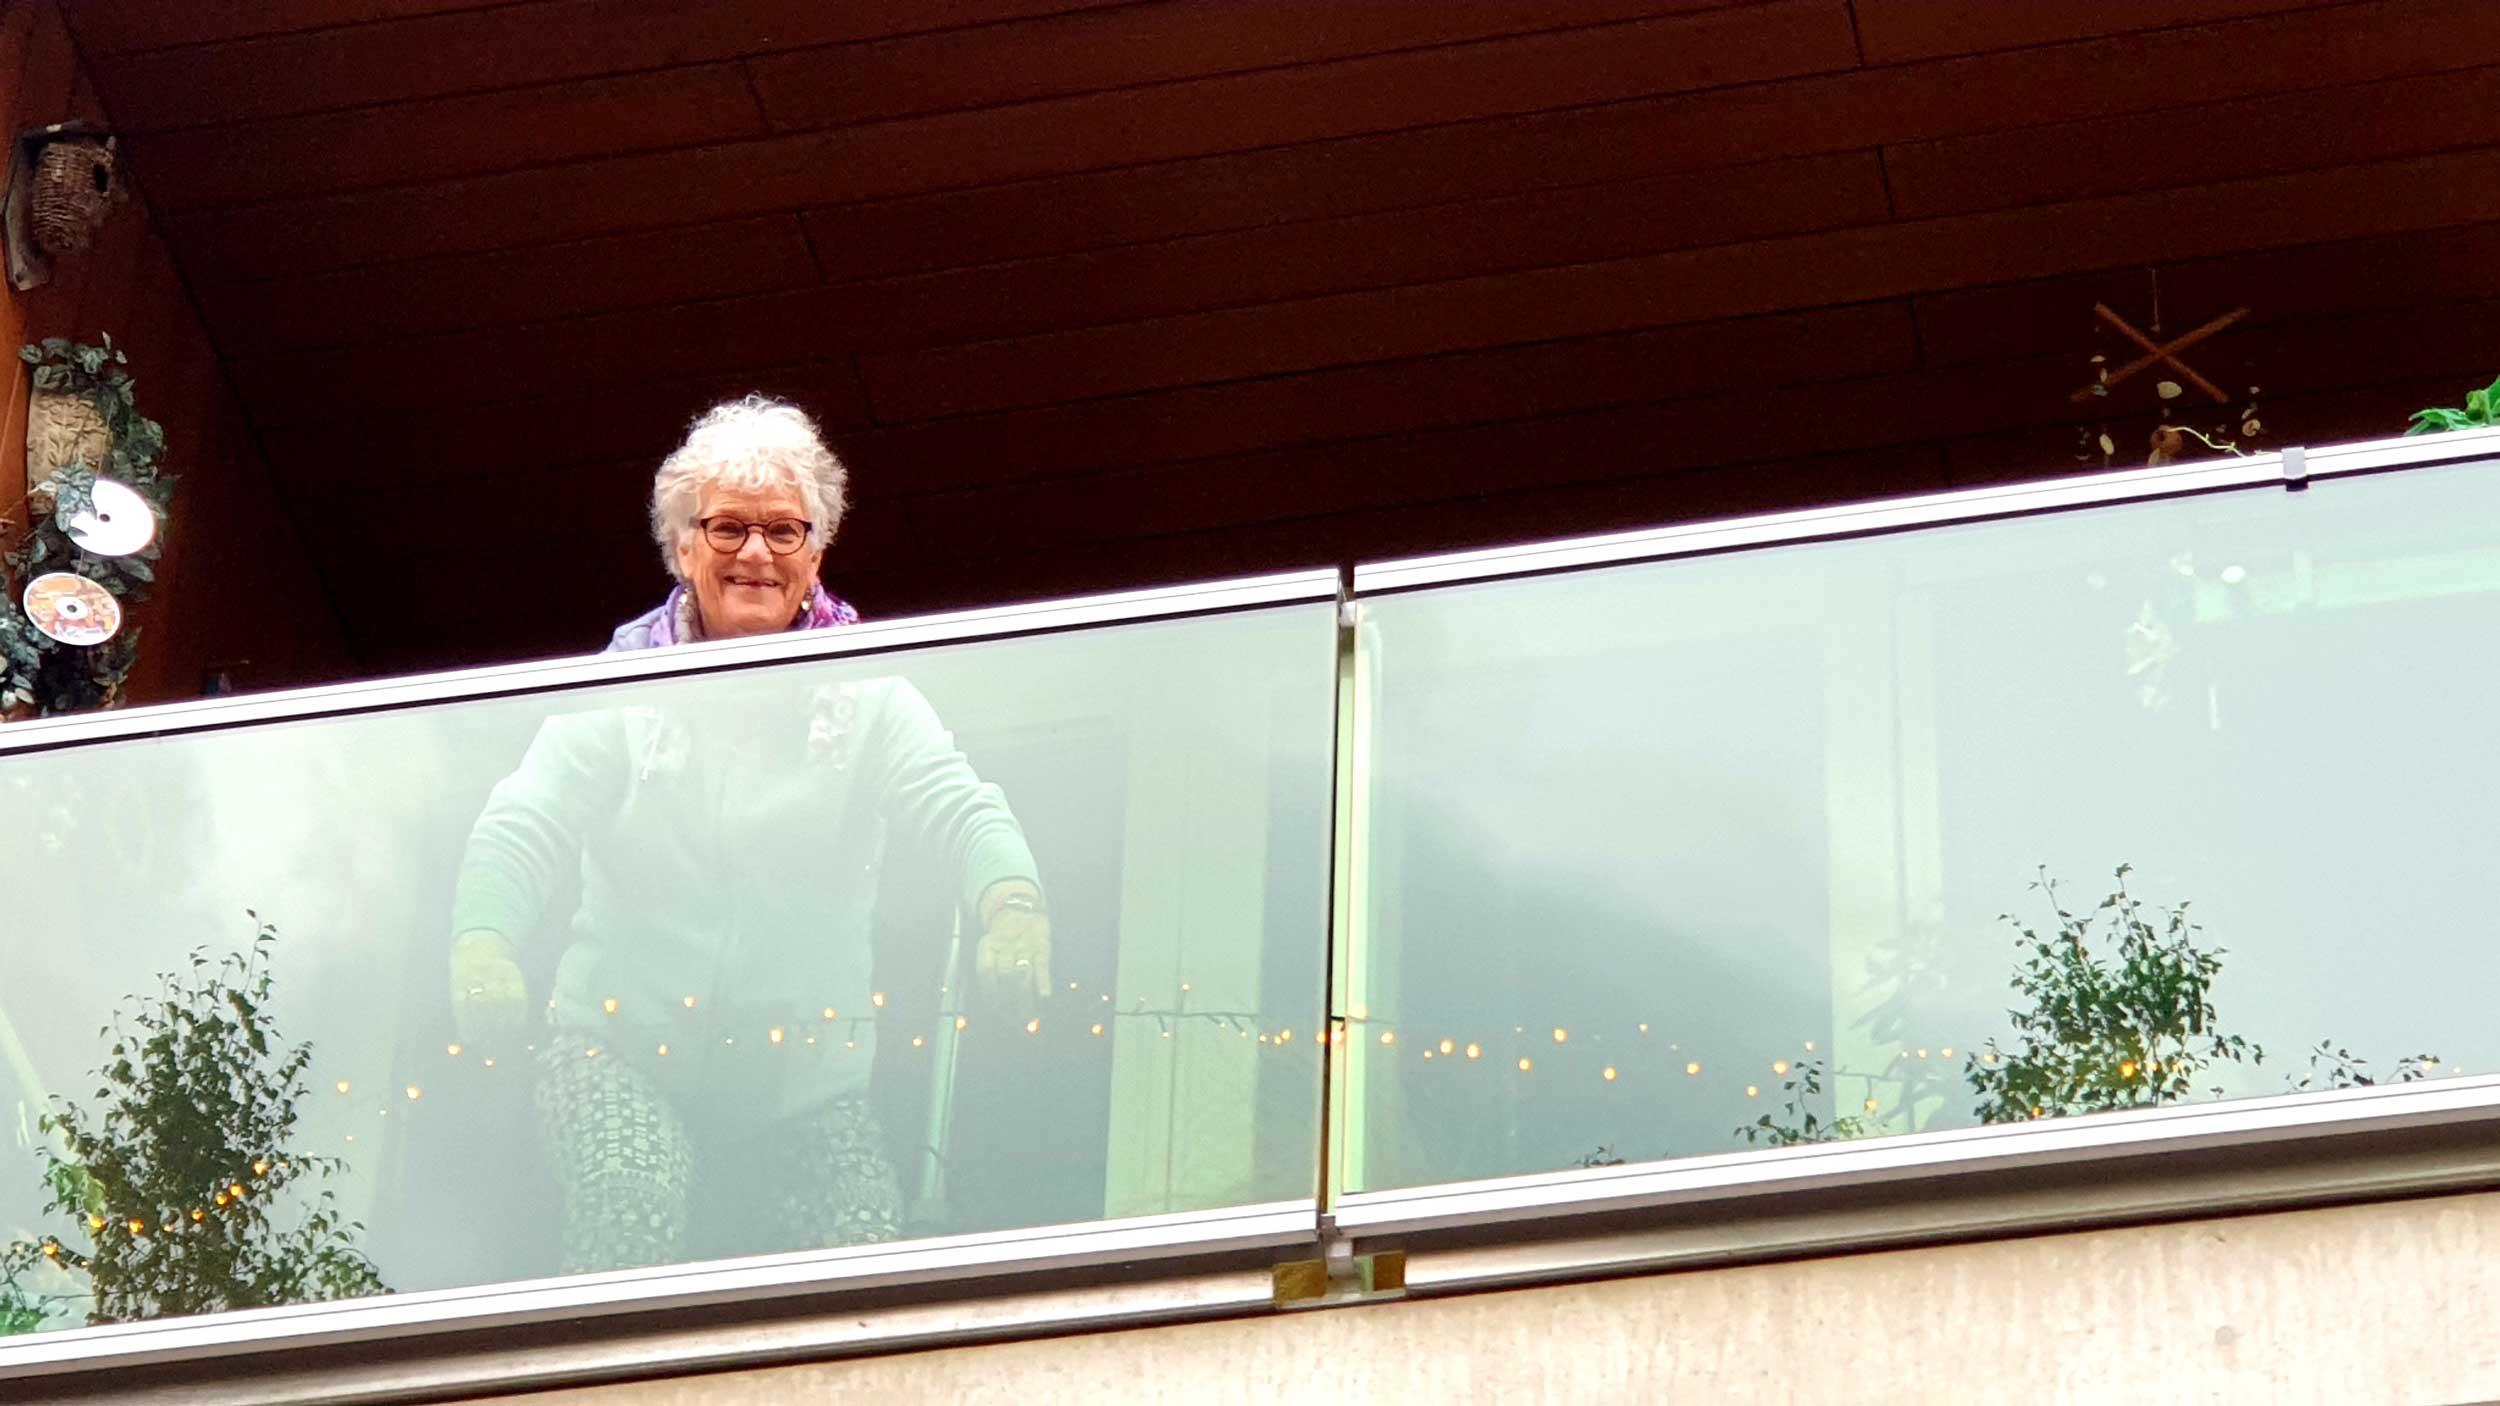 BT_TIP-UIT-DE-STAD-Henny-laat-de-kerstverlichting-liggen-op-haar-balkon,-zo-creert-zij-een-lichtpuntje-in-de-stad